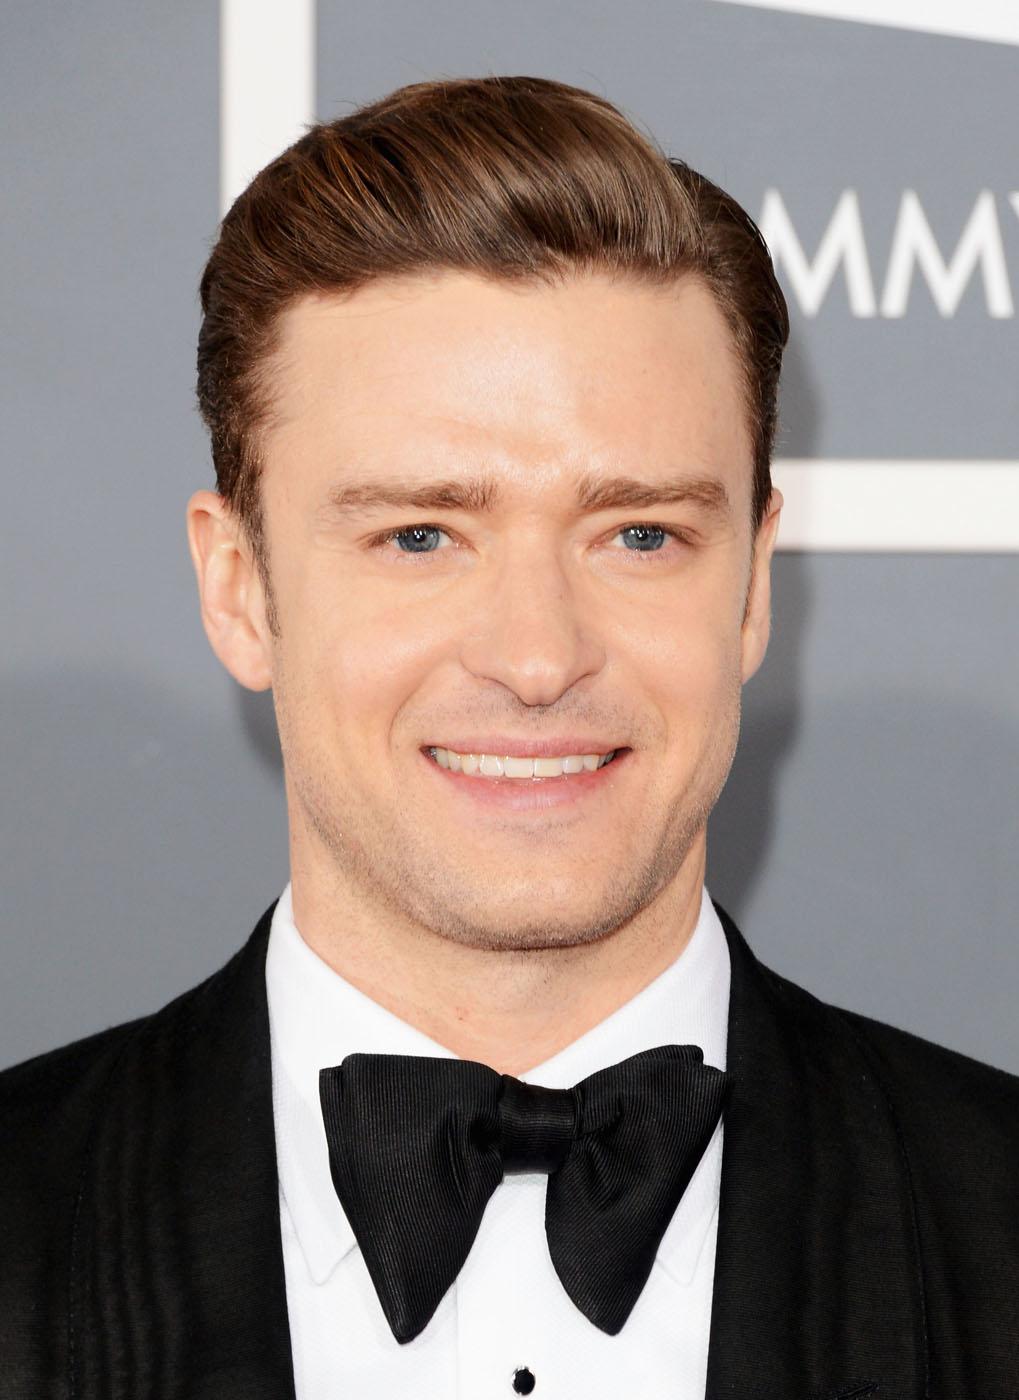 Justin Timberlake HairStyle (Men HairStyles) - Men Hair ...